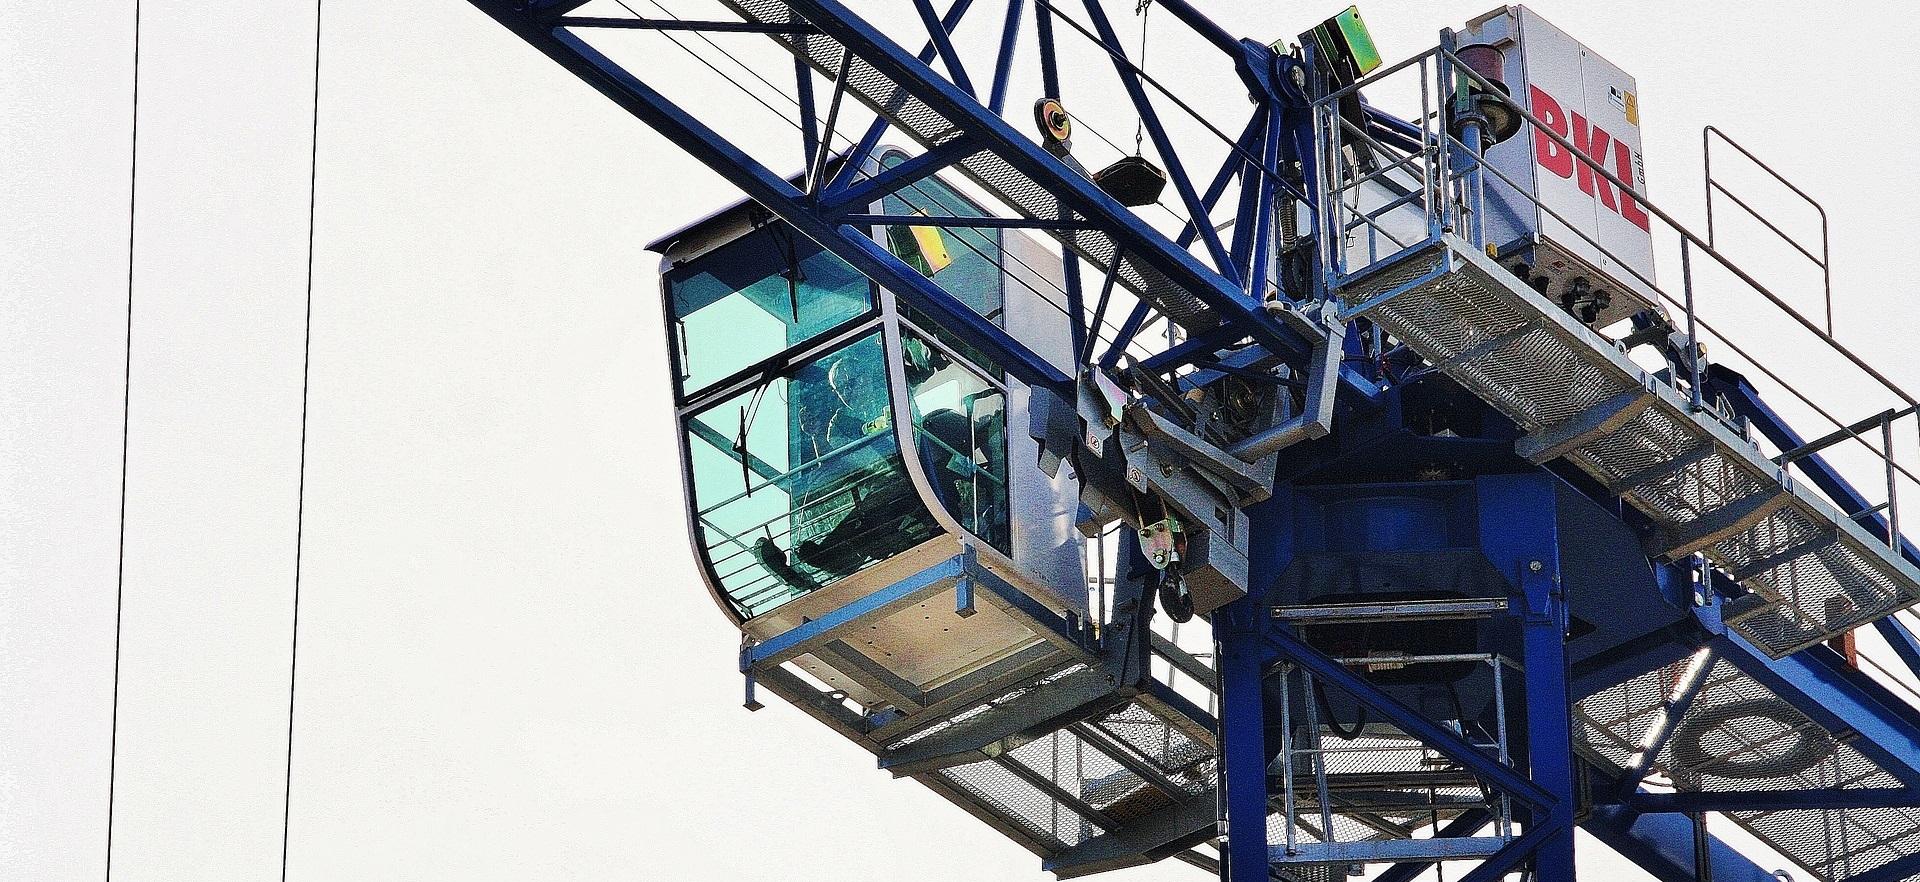 crane-4077219_1920